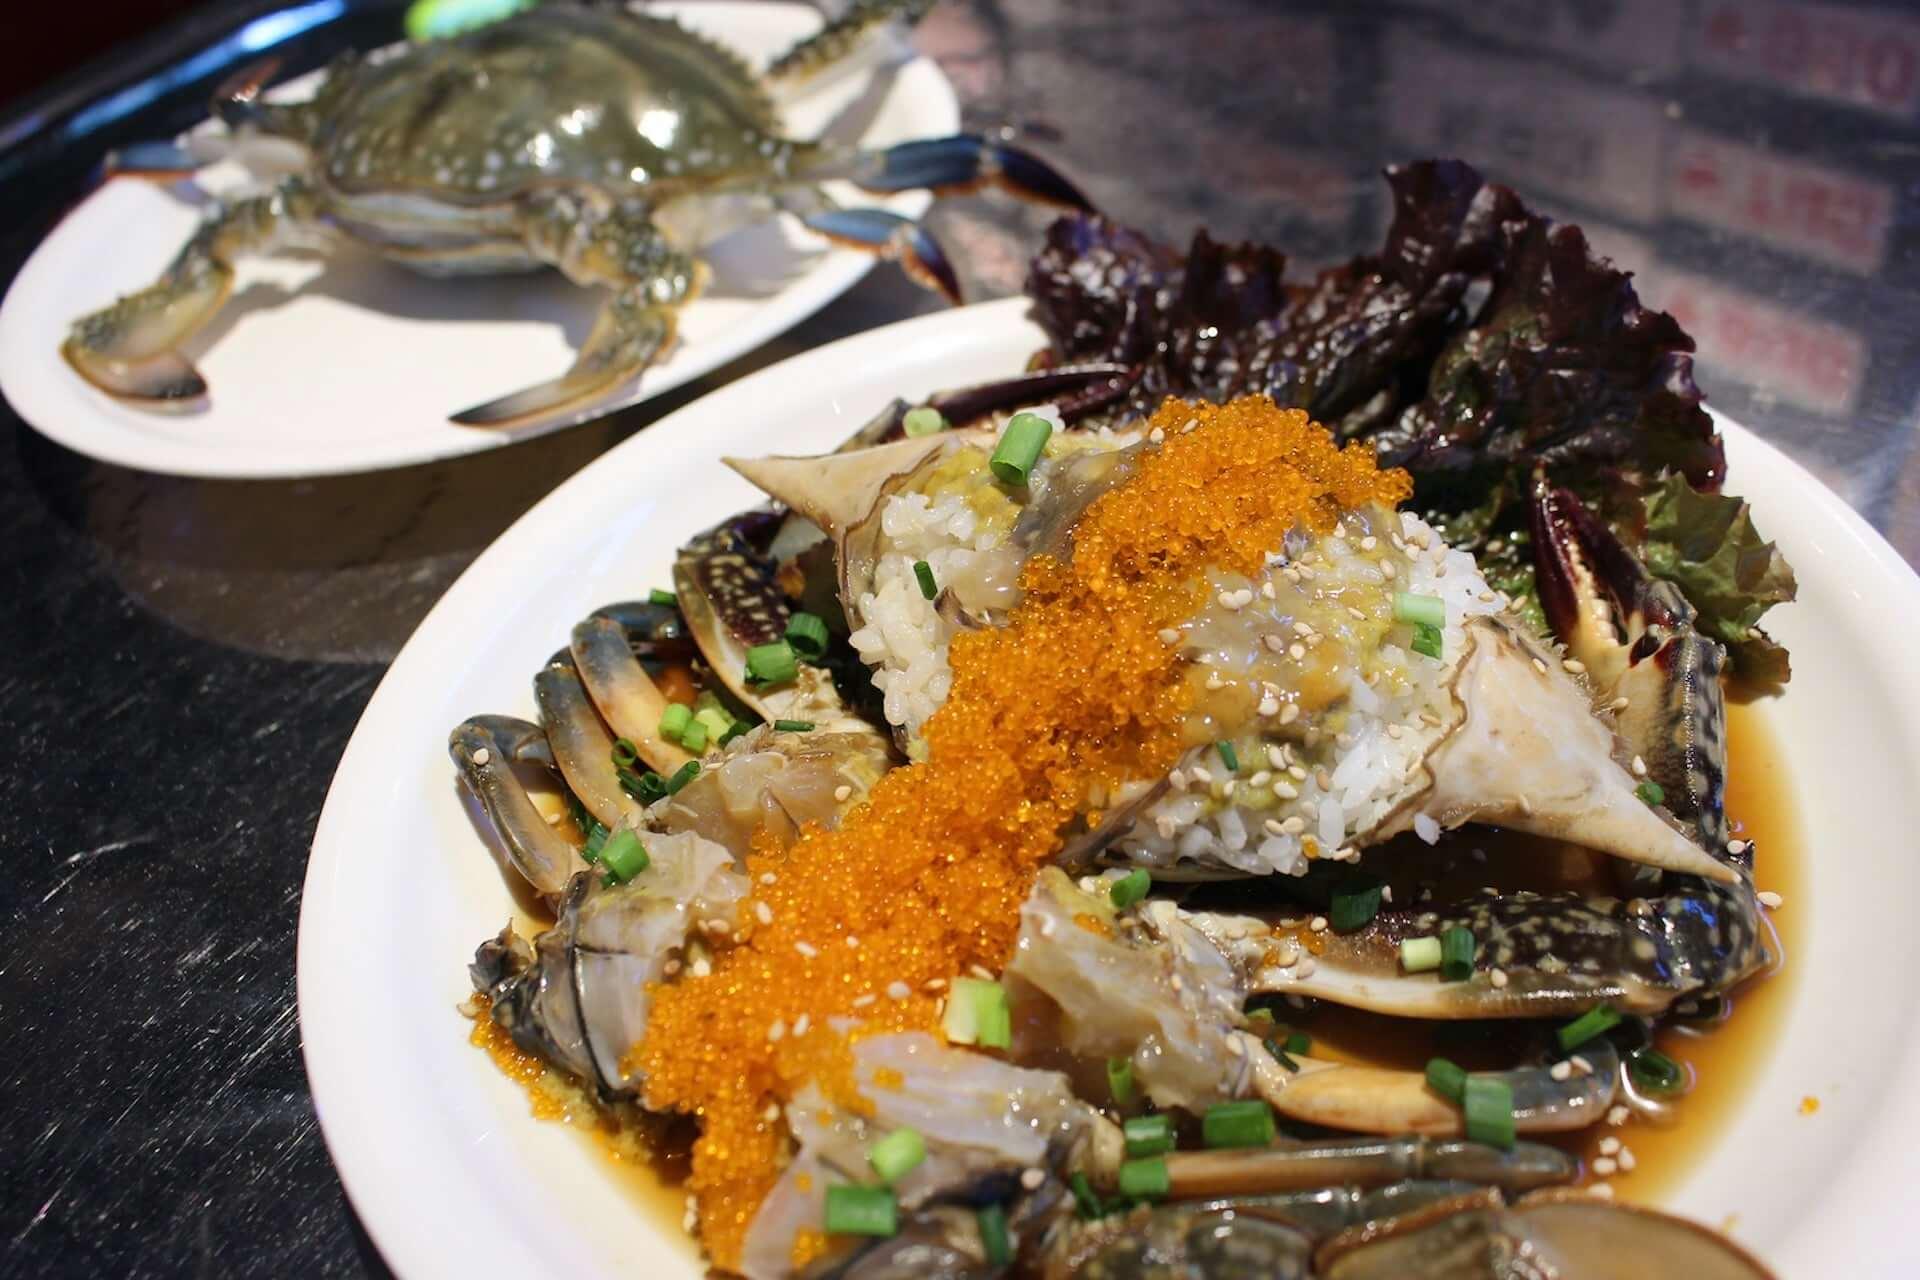 北海道産のワタリガニを使用した『生カンジャンケジャン』が「韓国食堂ケグリ」に登場!1日10食限定で販売開始 gourmet201029_kankokushokudou-keguri_4-1920x1280